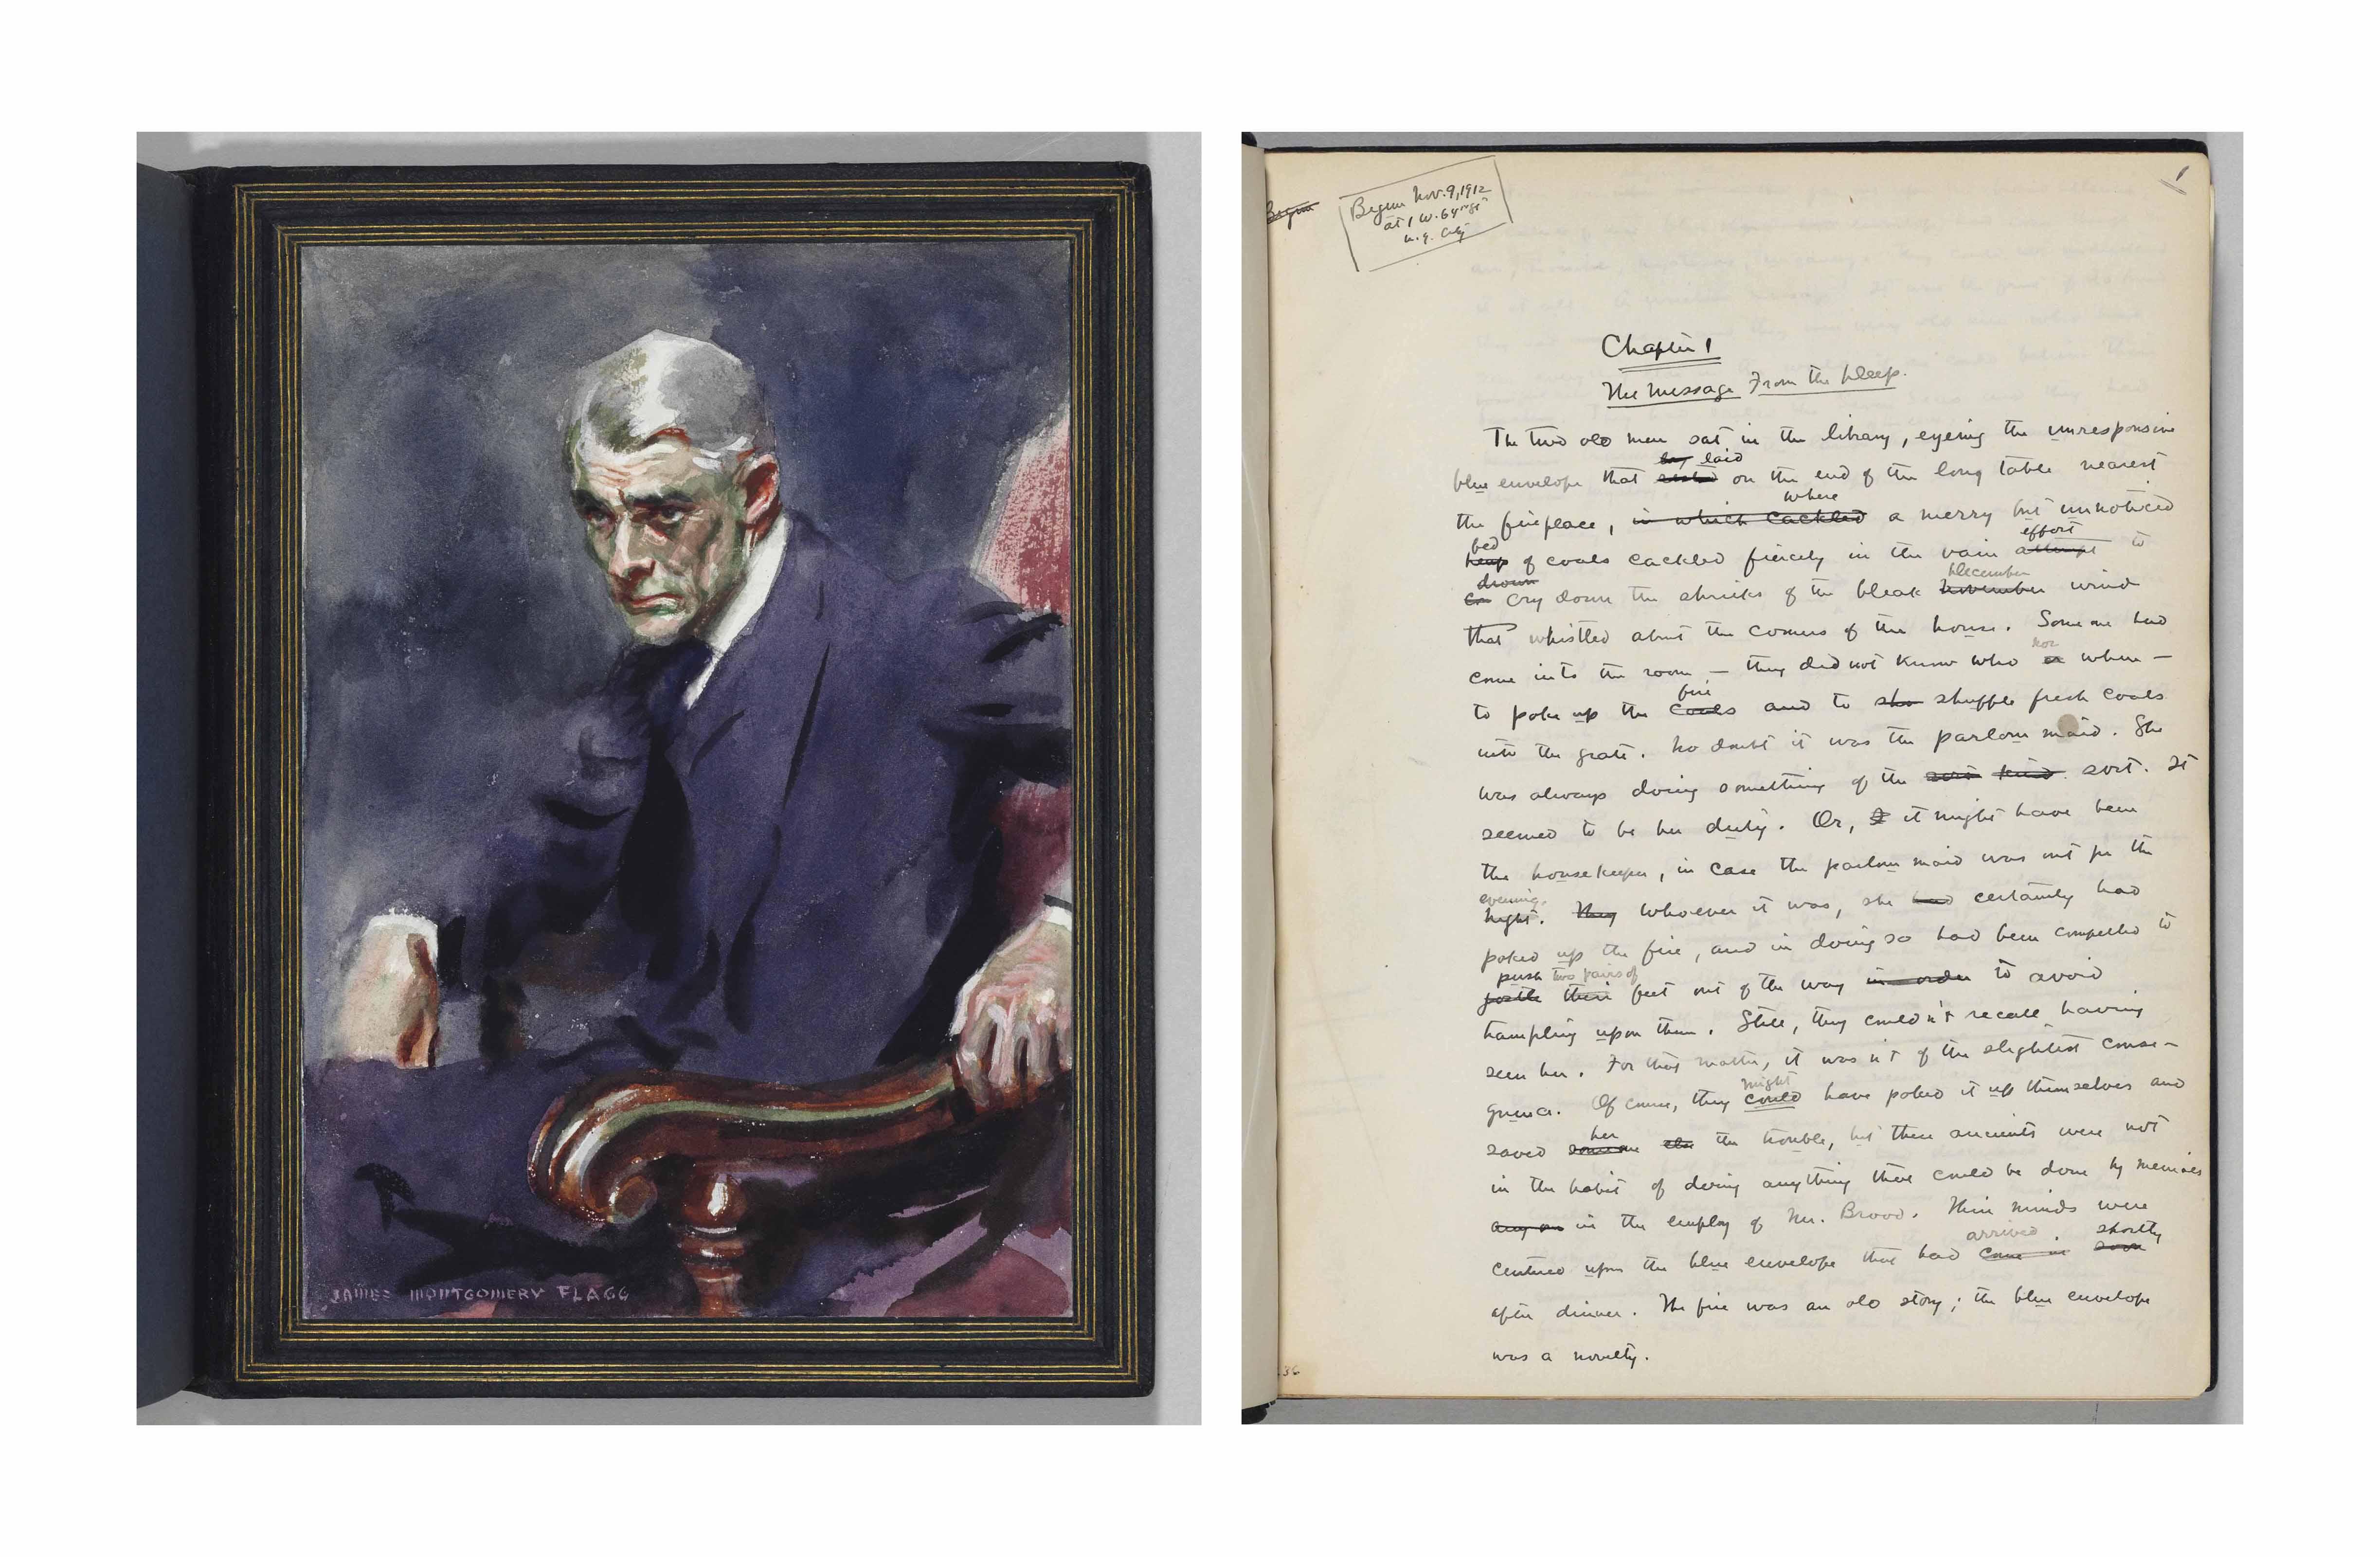 McCUTCHEON, George Barr (1866-